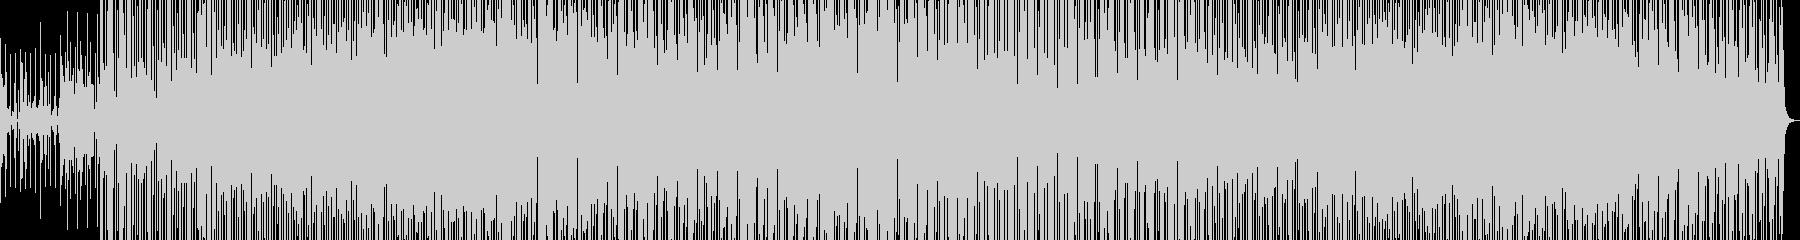 焦燥感に満ちたエレクトロニカの未再生の波形